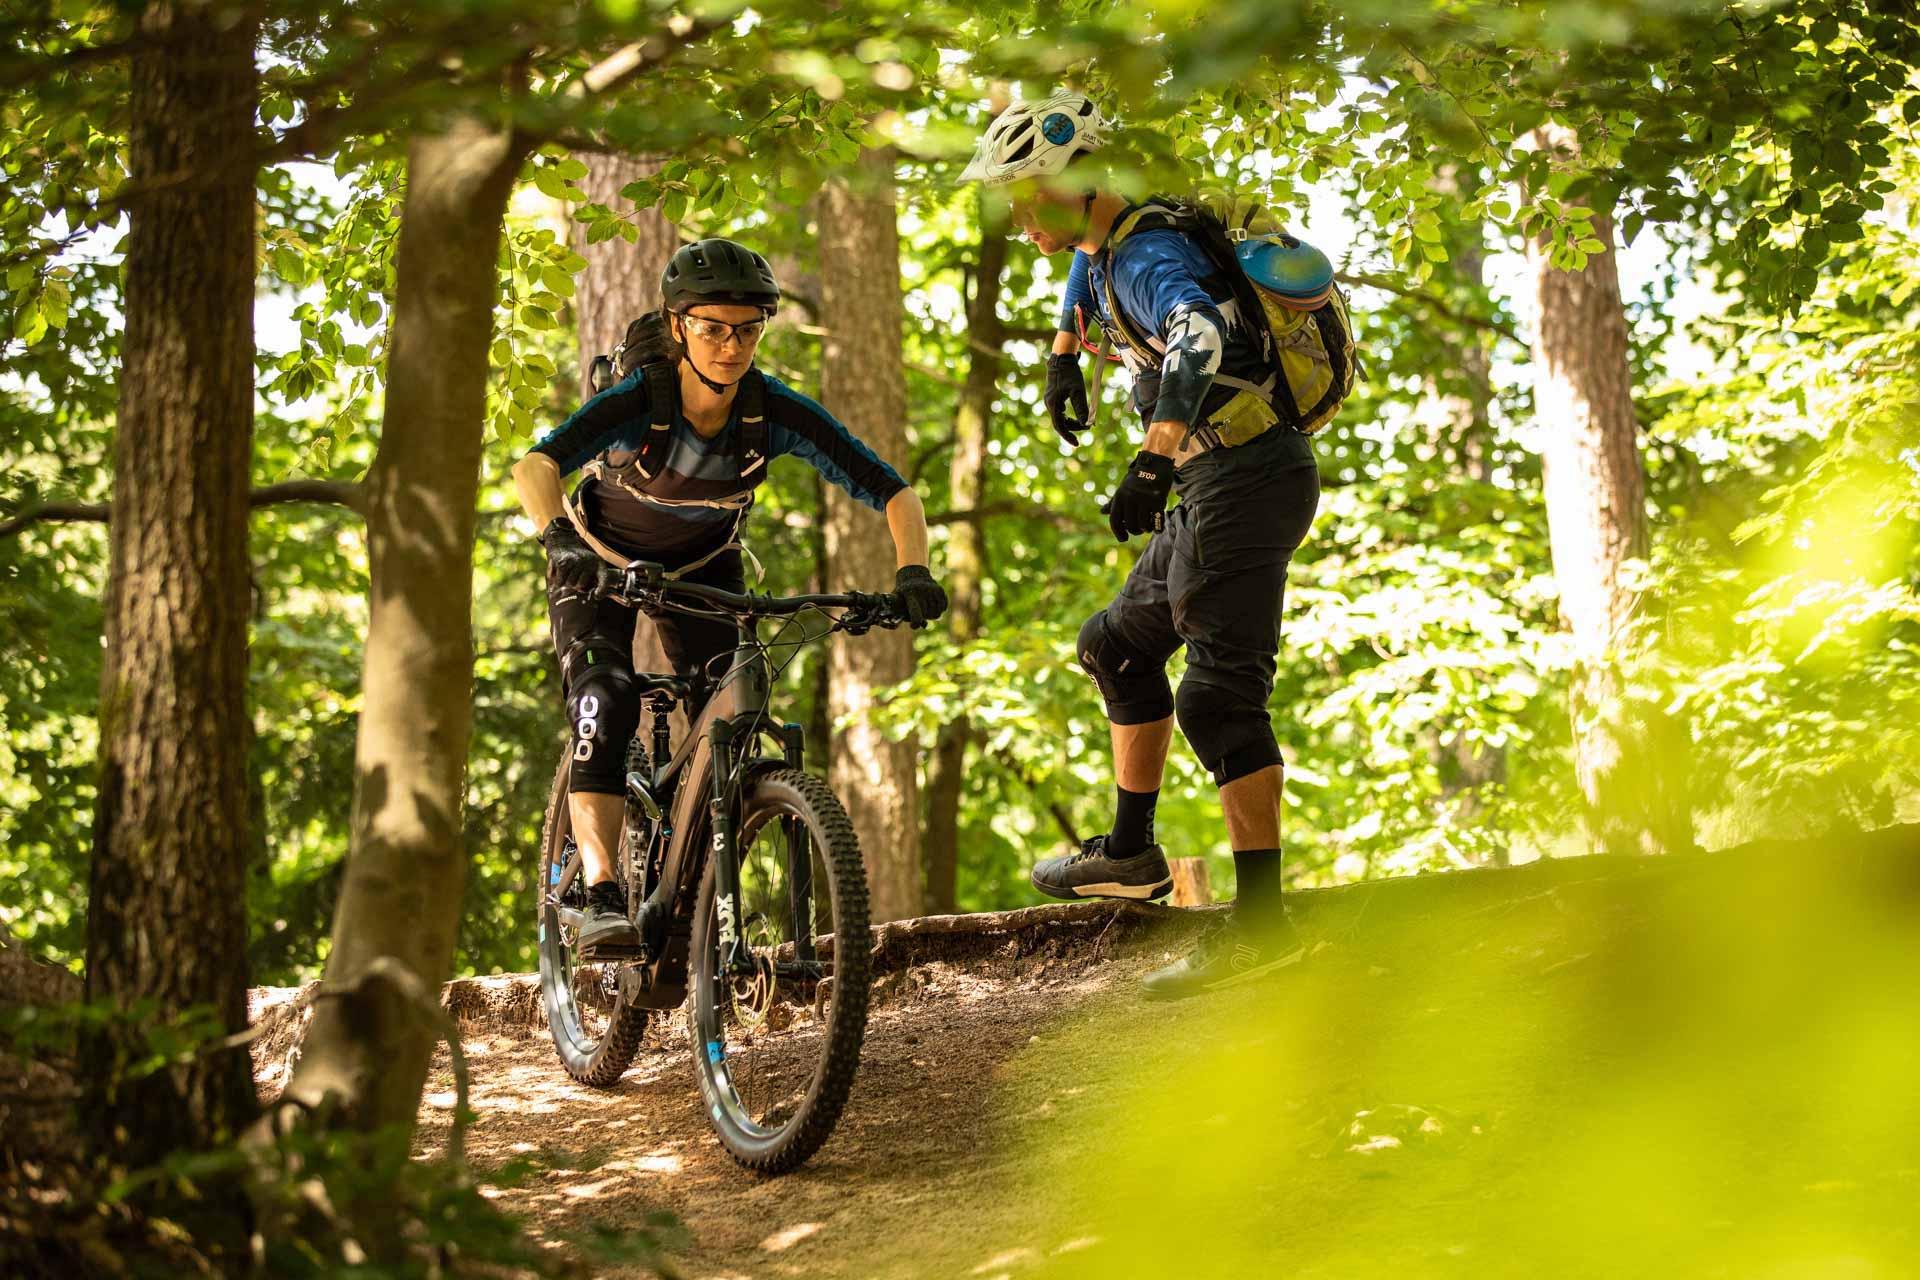 eMTB Fahrtechnik Einsteiger Kurs in Hannover |Bad Salzdetfurth - Fahrtechnik Training Rock my Trail Bikeschule